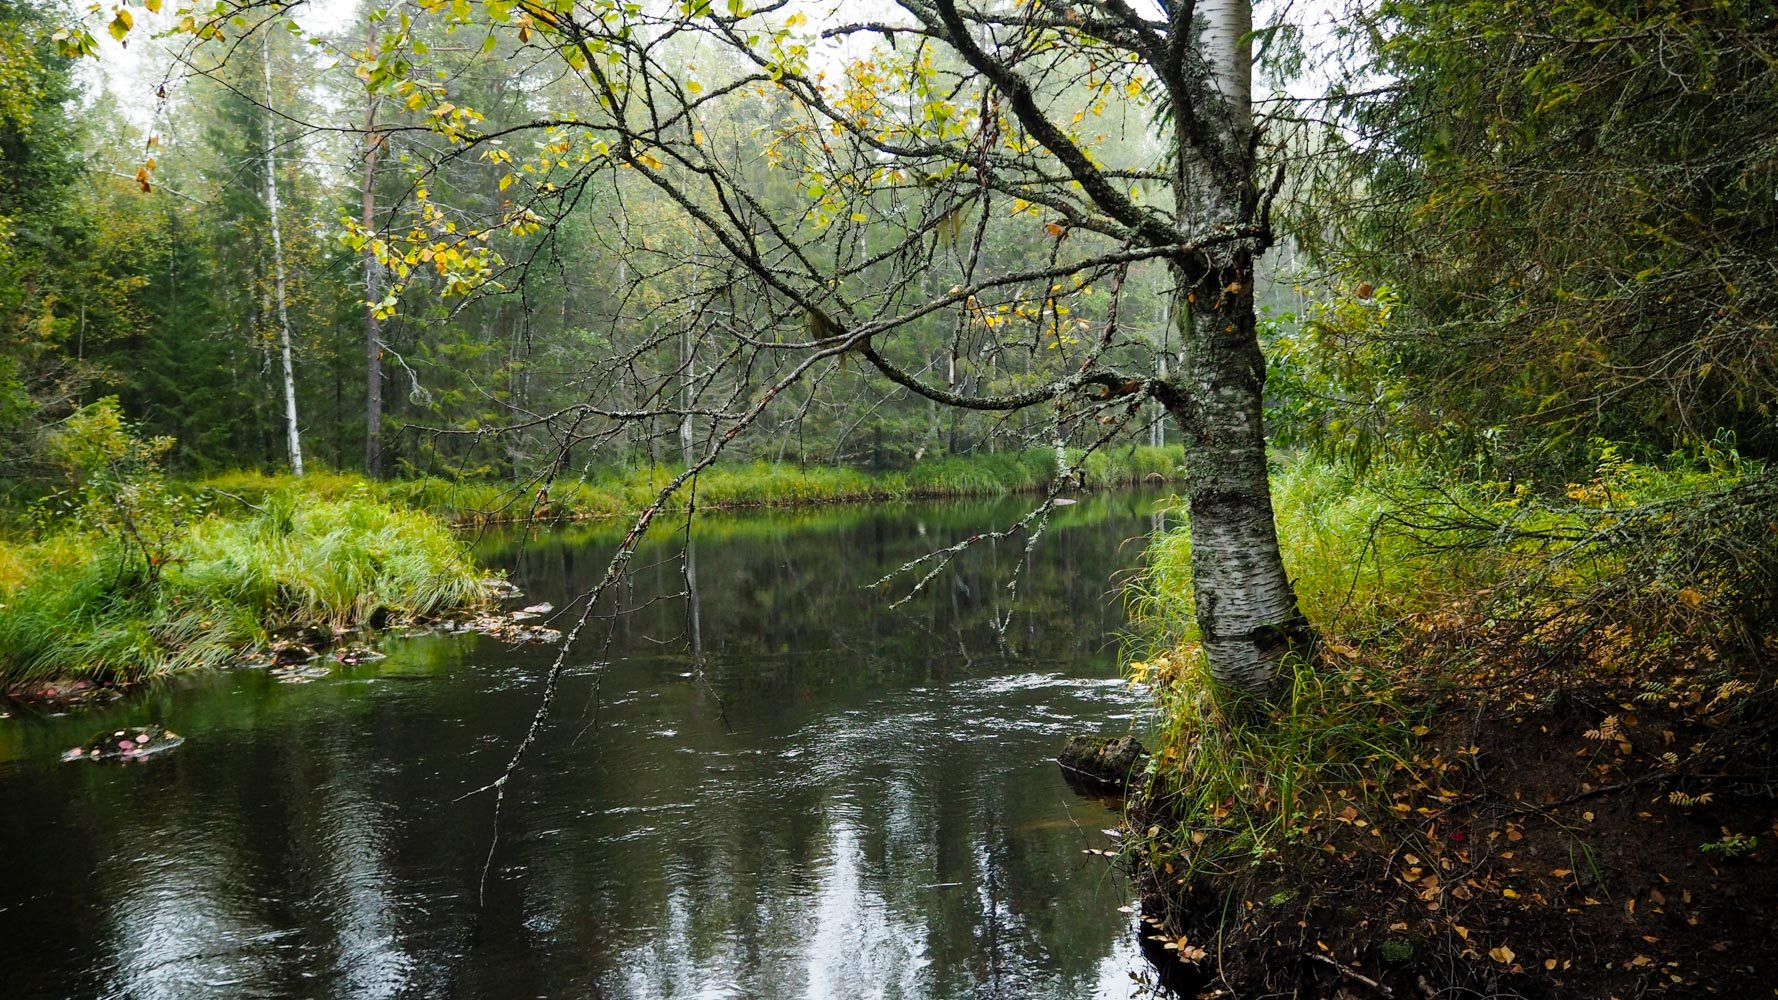 Rauhallinen joki, rannat kasvavat heinää. Kuvan oikeassa laidassa kurottelee koivu oksiaan veden ylle.